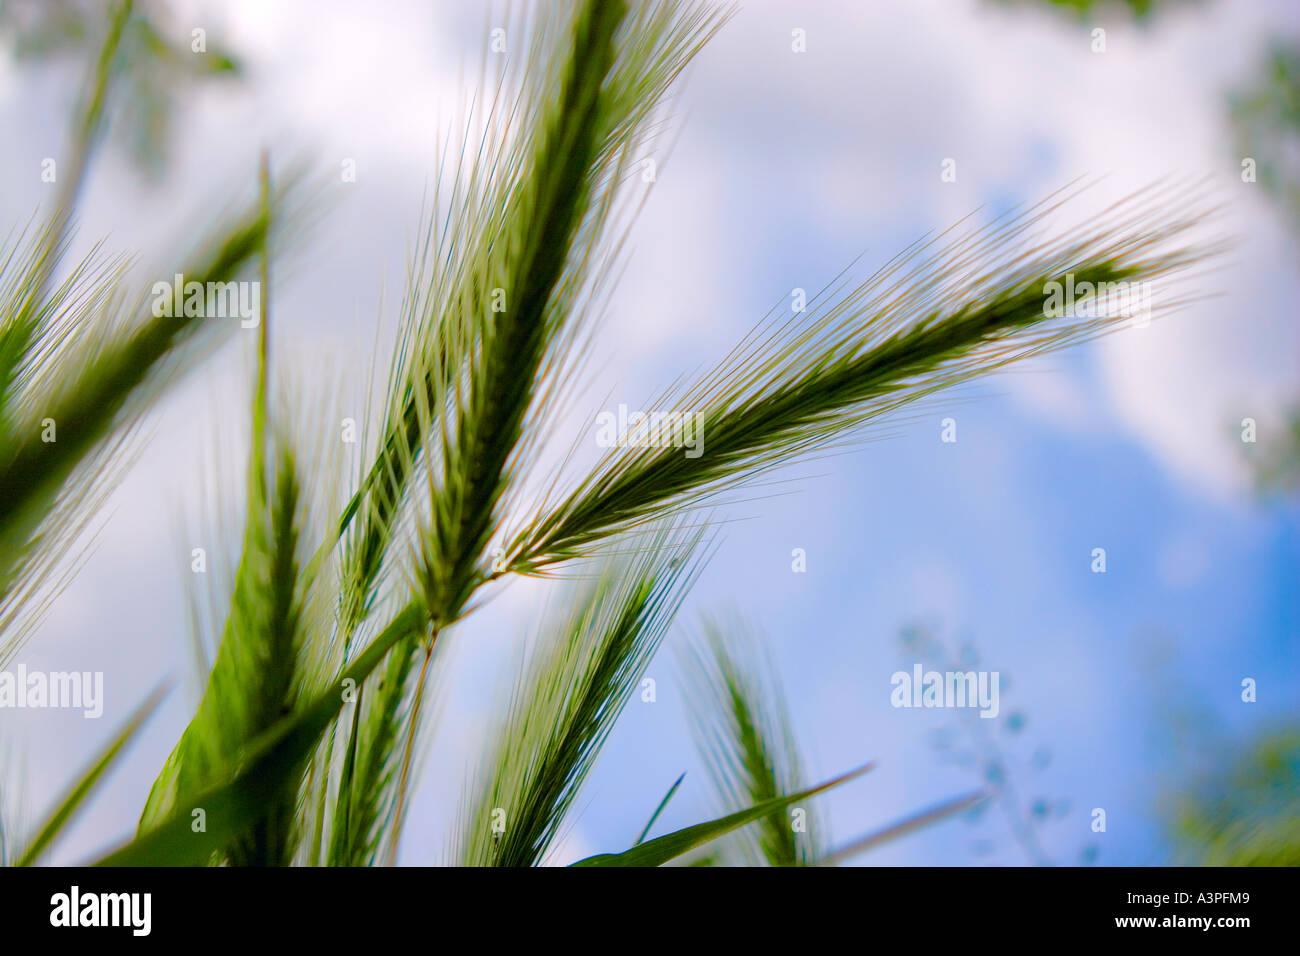 La culture du blé dans la région de field, dessous vue, close-up Photo Stock